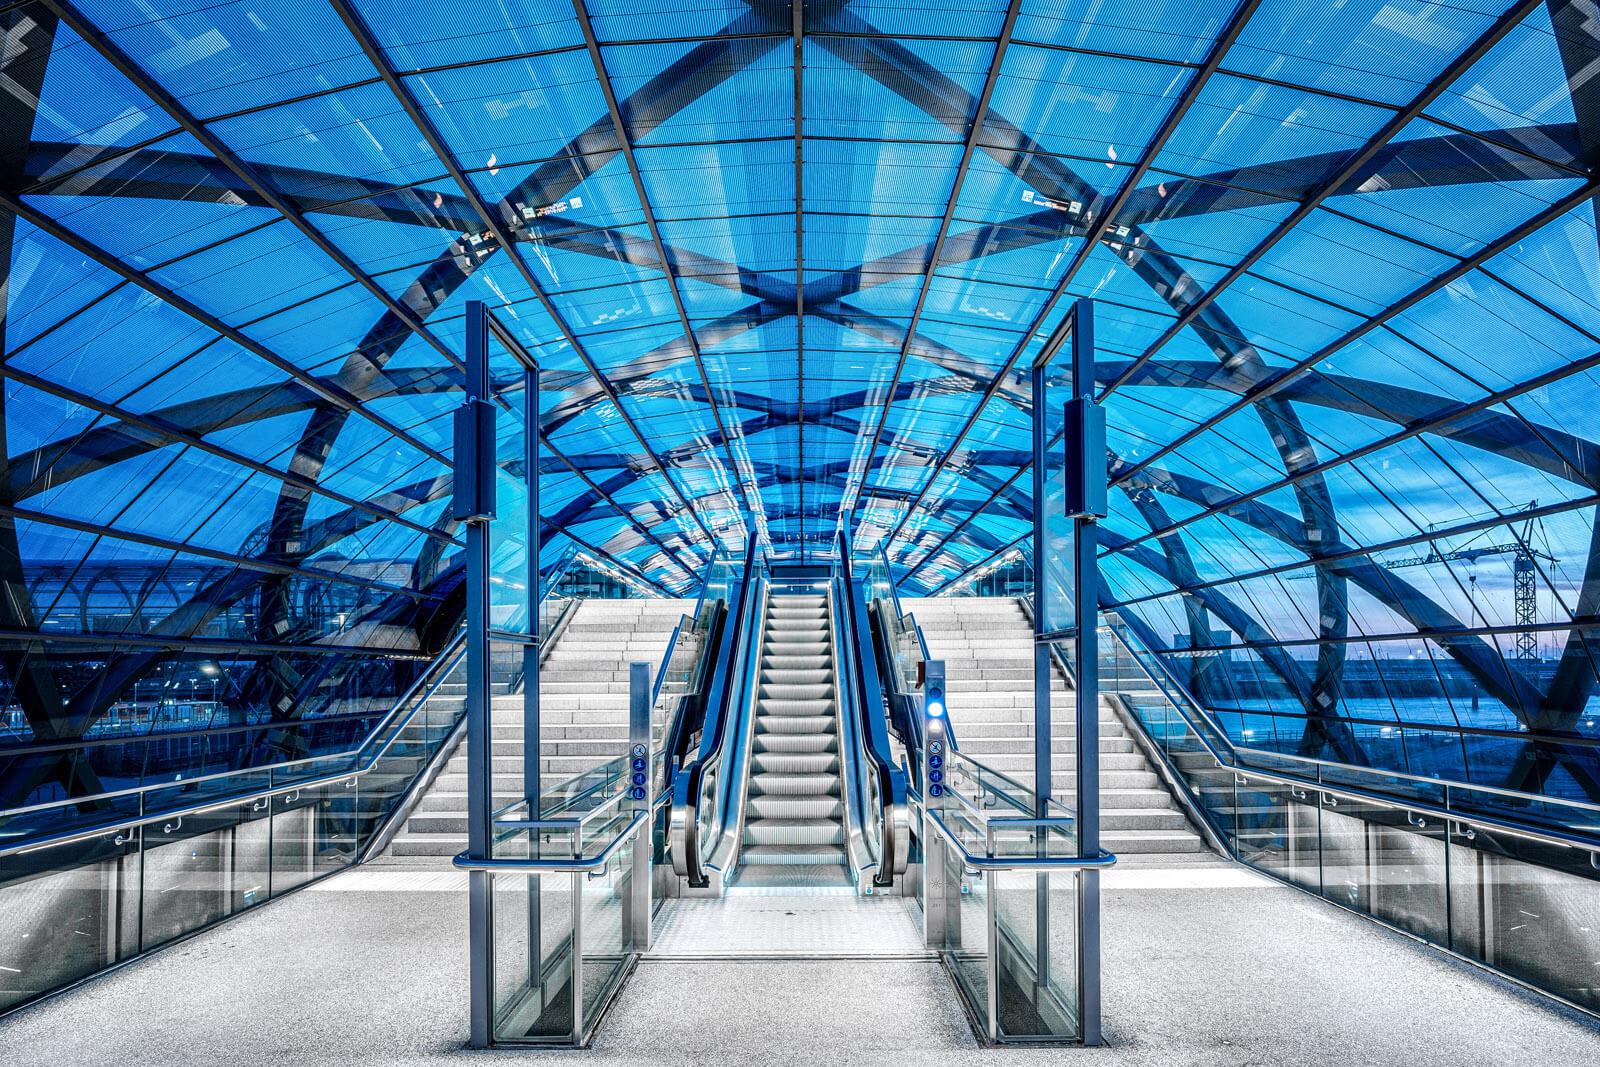 U-Bahn Elbbrücken während der blauen Stunde fotografiert